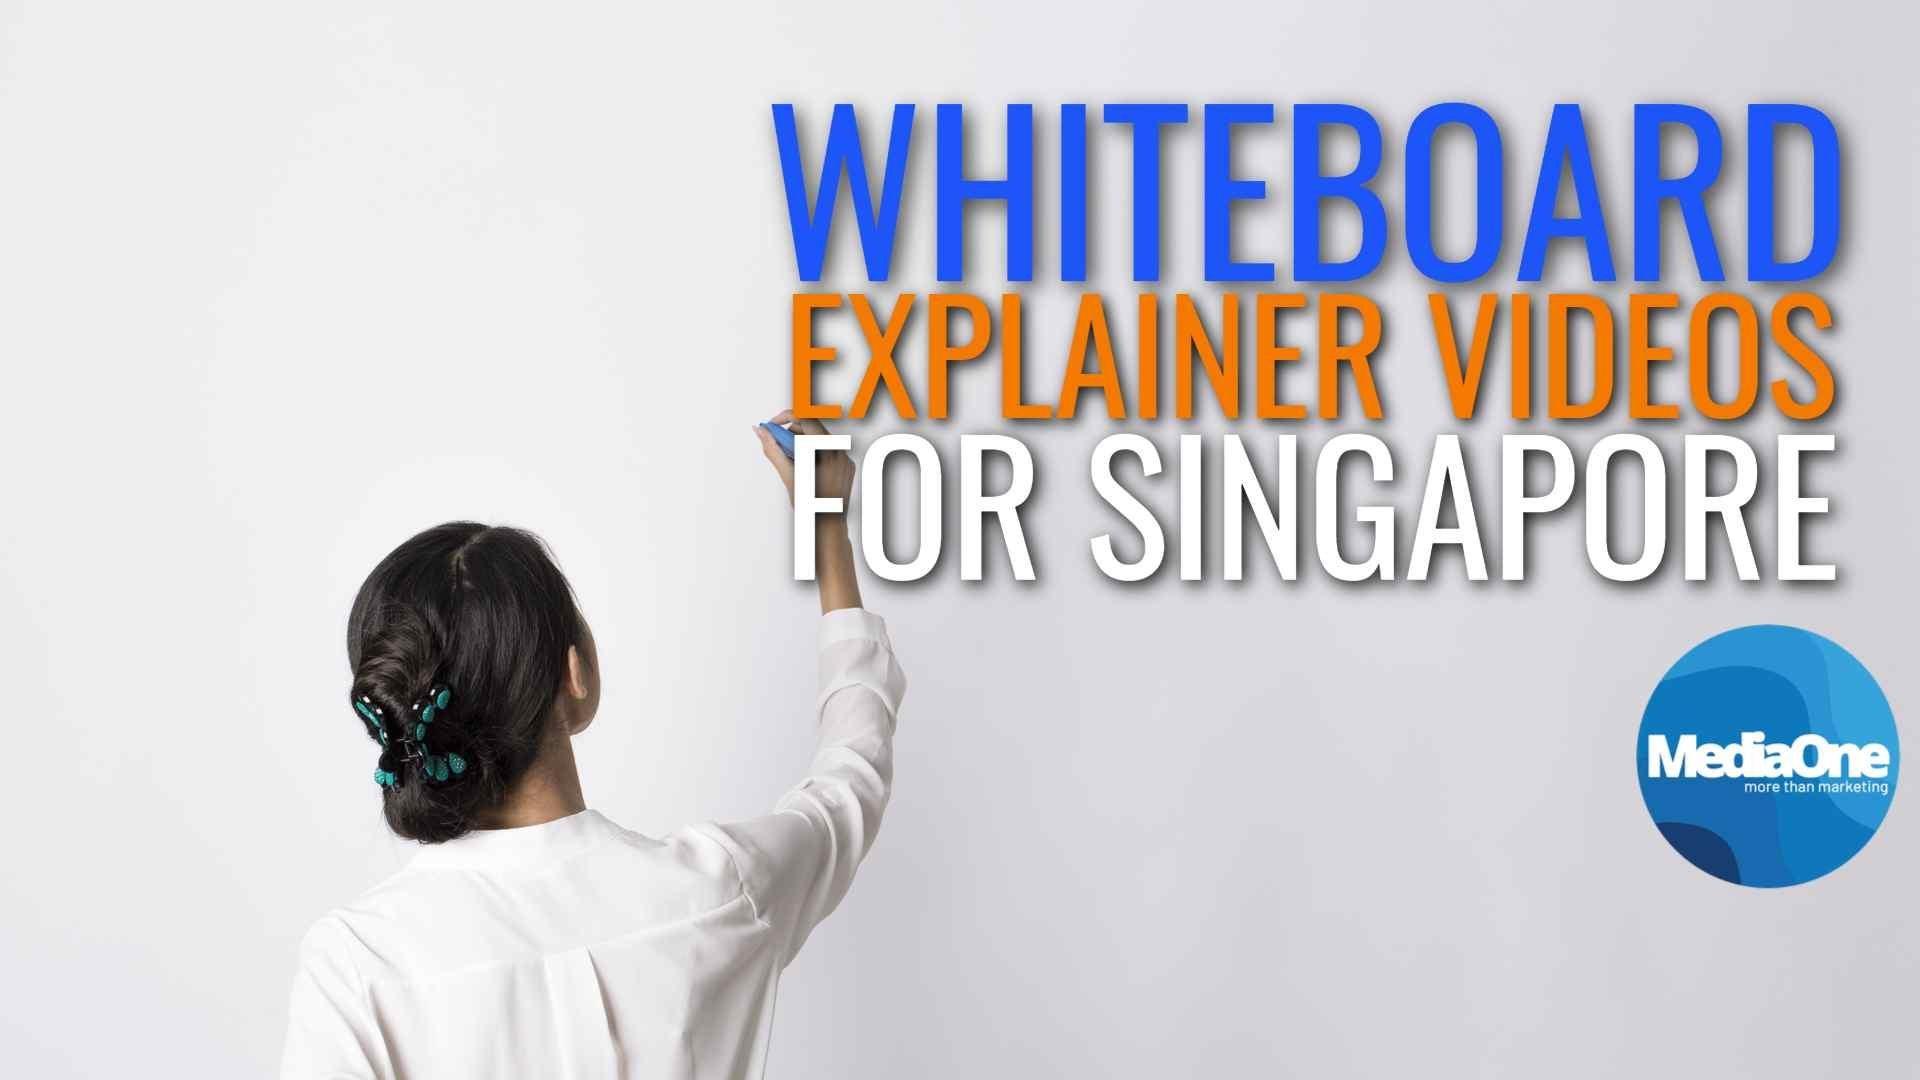 Whiteboard Explainer Videos For Singapore